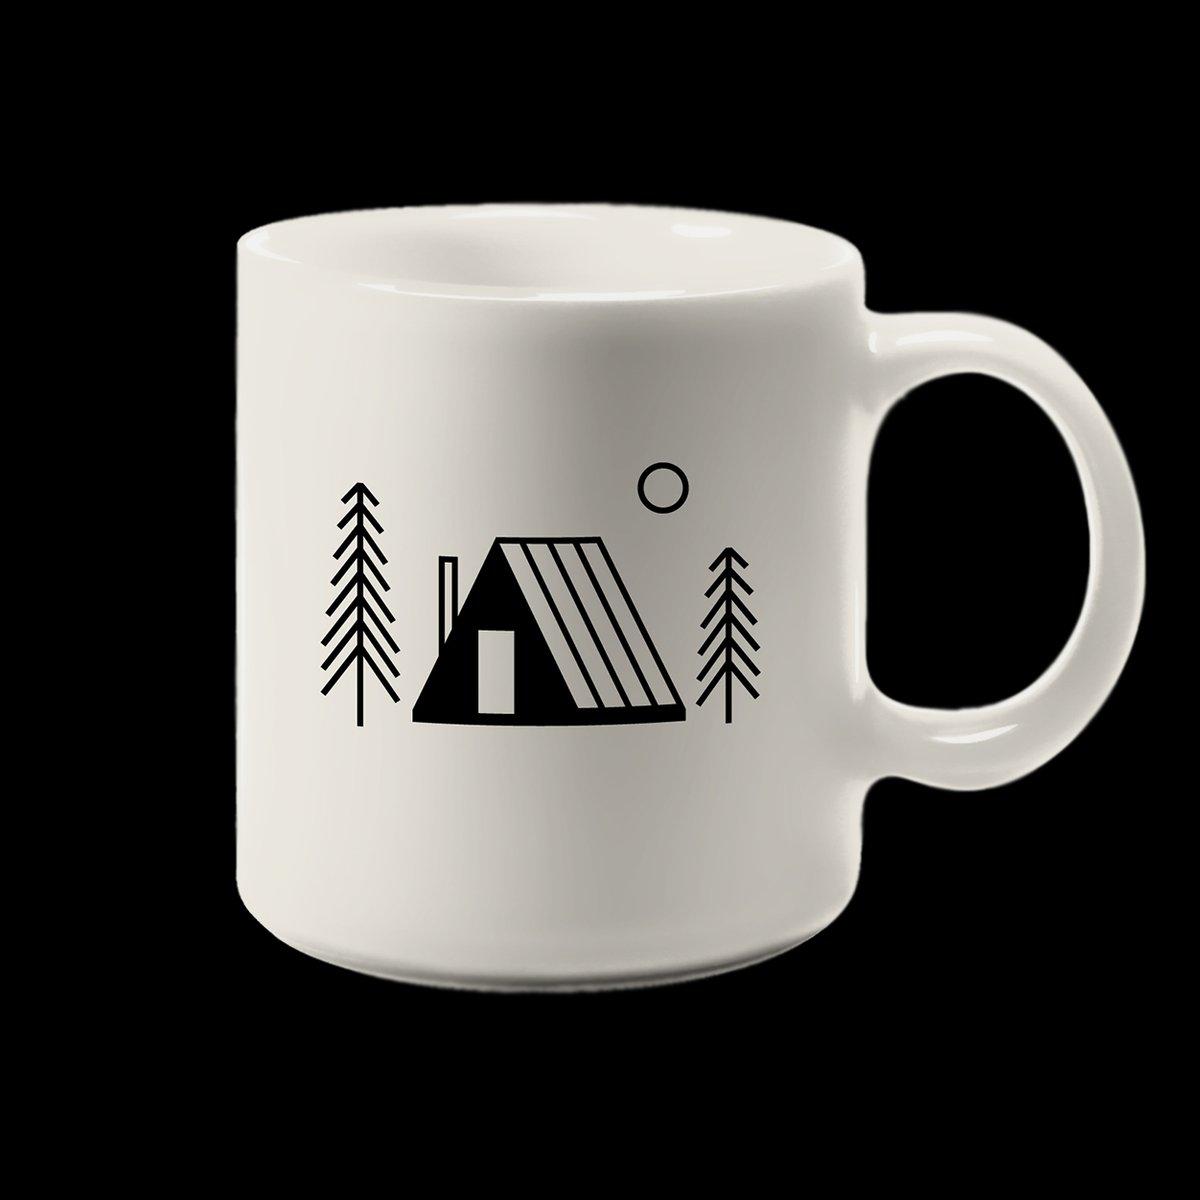 Image of FM02: Ceramic Diner Mug